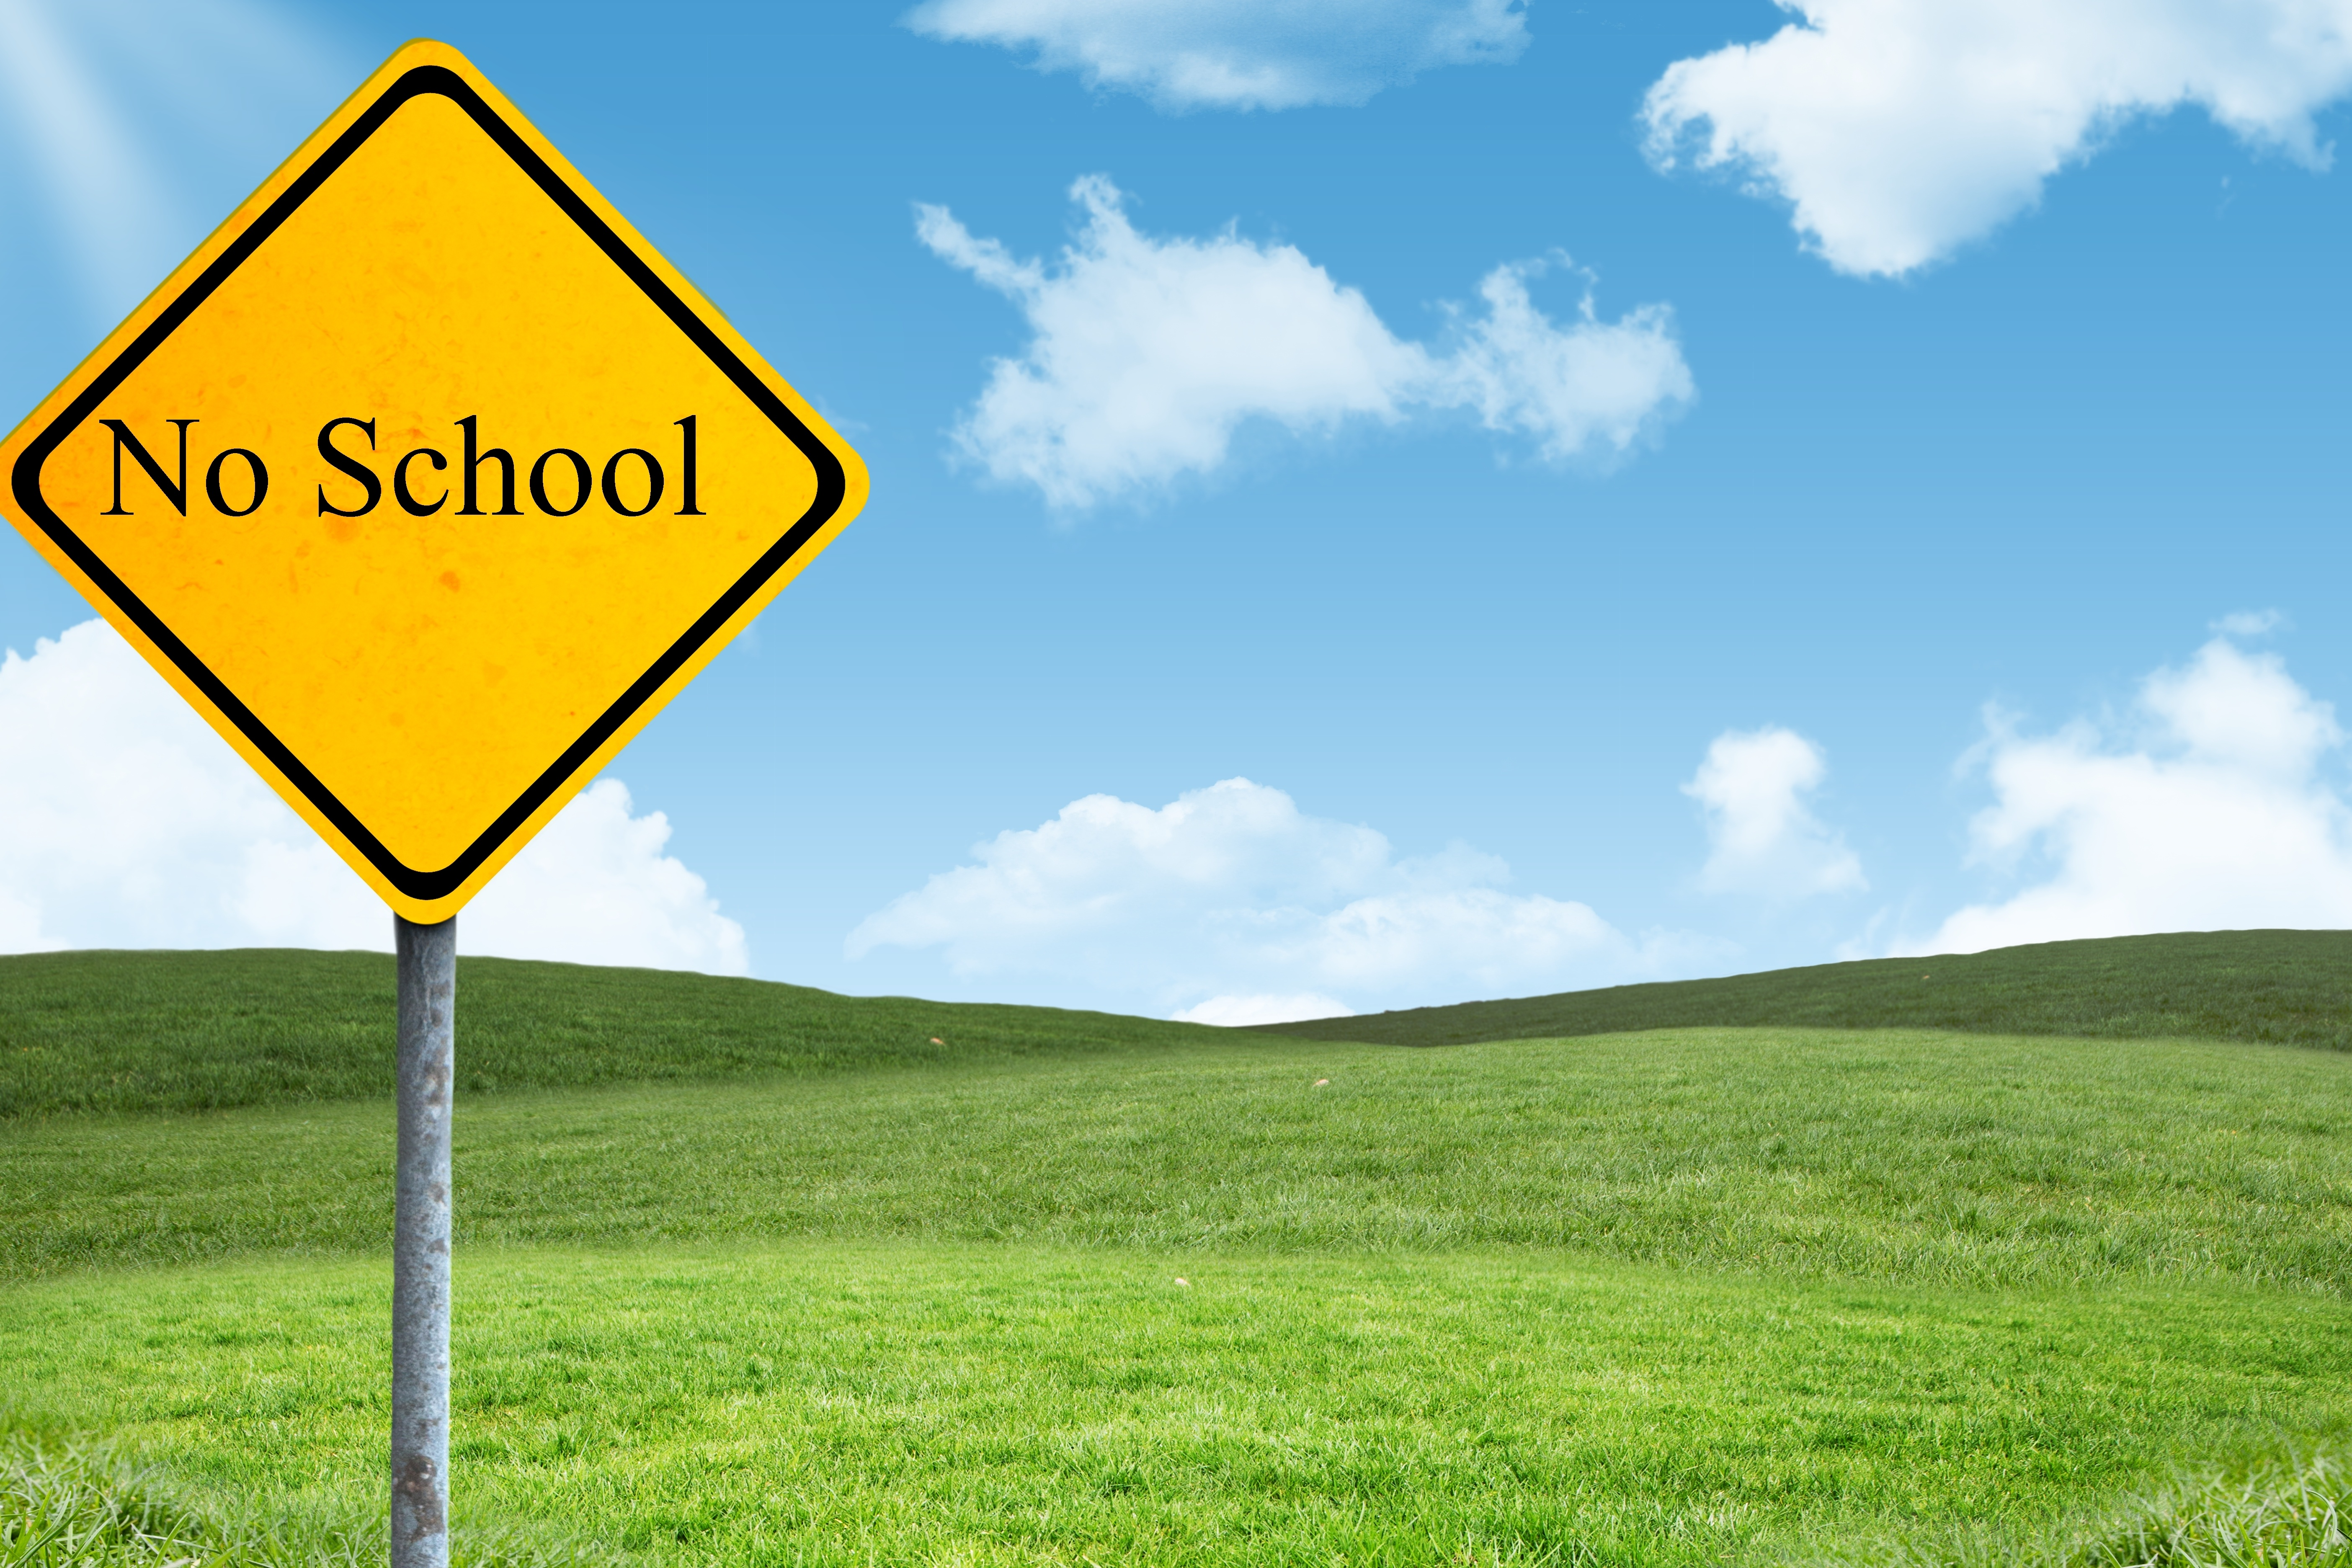 چرا از ادامه تحصیل انصراف دادم (و شما هم باید این گزینه رو در نظر بگیرید؟)